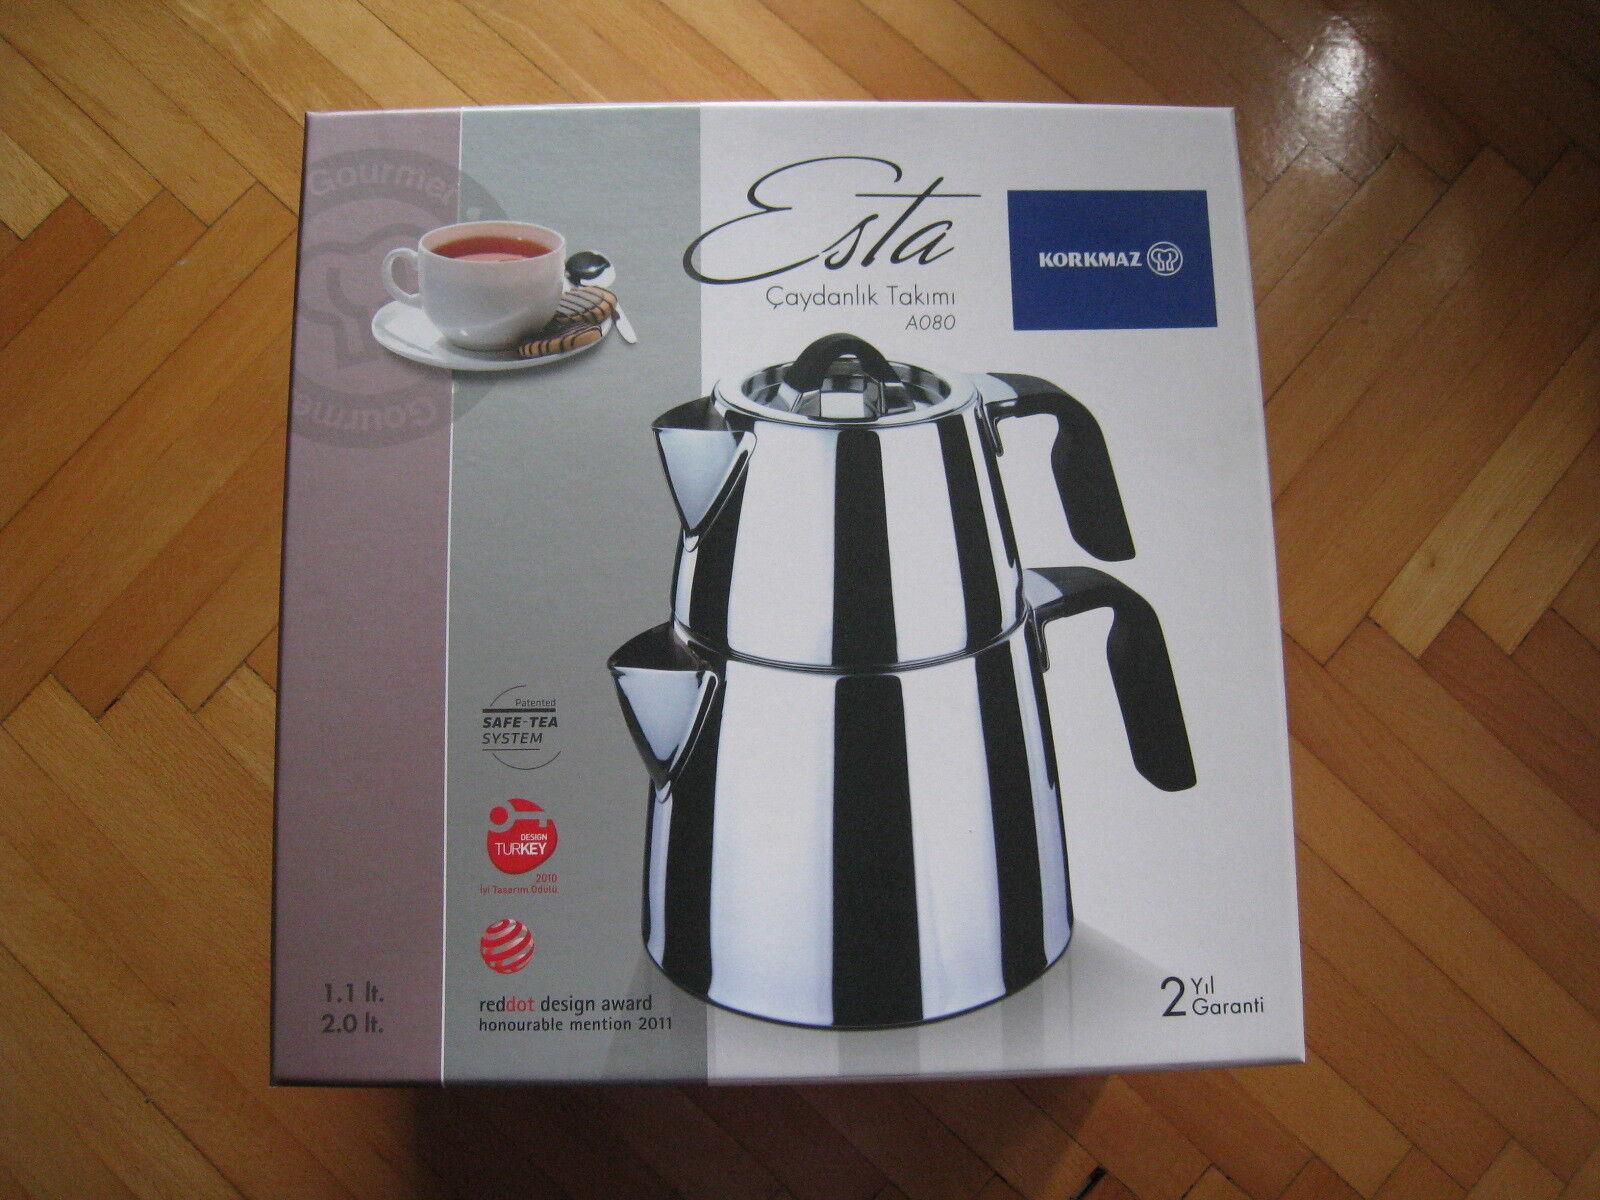 Turkish Tea Pot Set Korkmaz A080 esta en acier inoxydable Tea Pot 3.1 LT Safe Tea